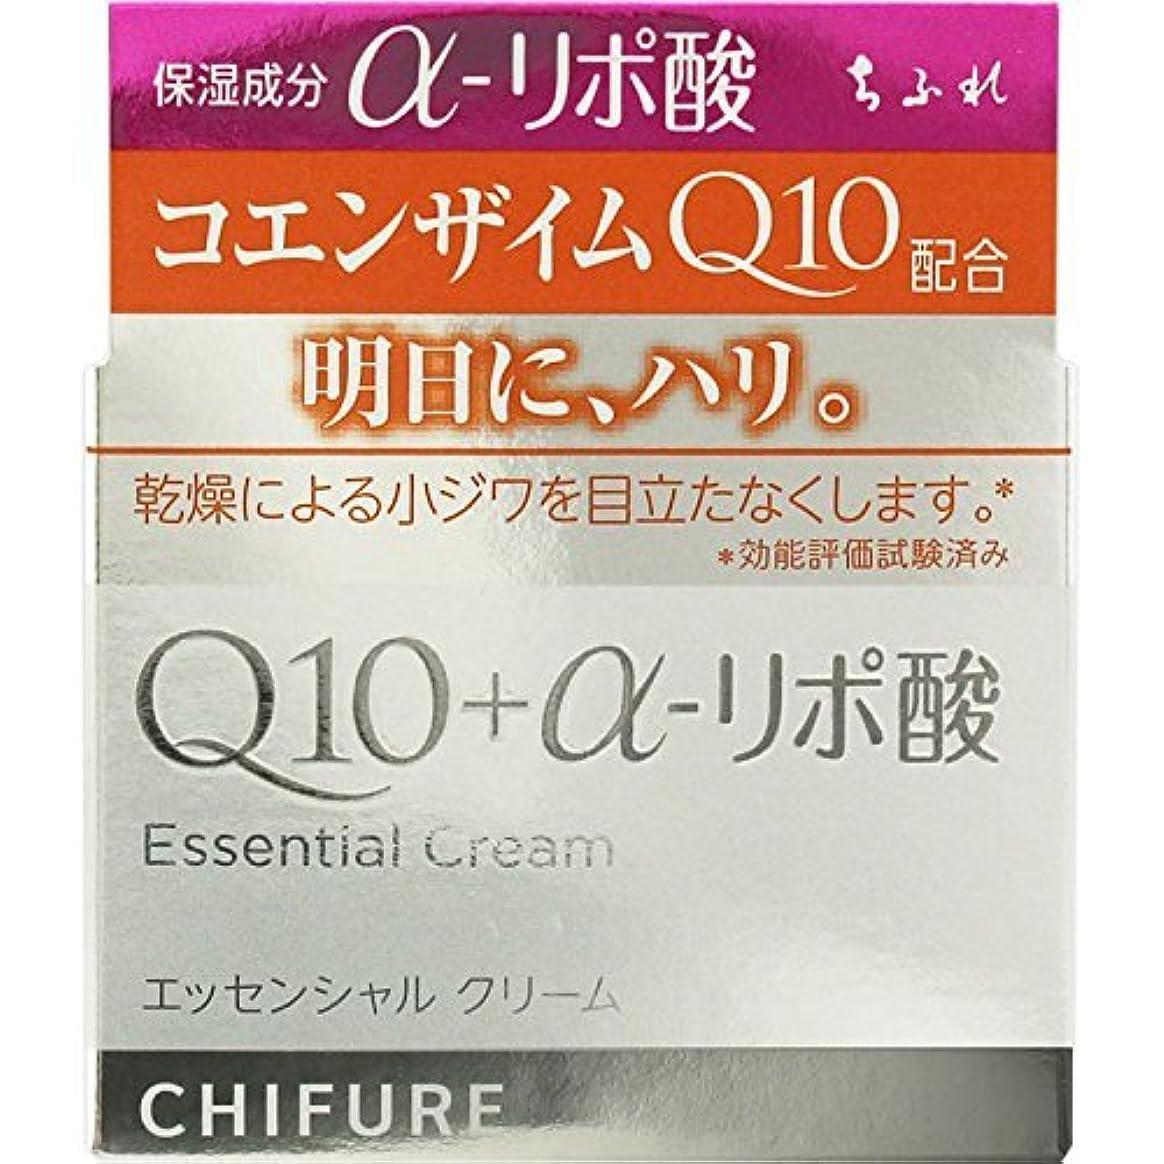 ビタミン実験識別ちふれ化粧品 エッセンシャルクリーム N 30g 30G